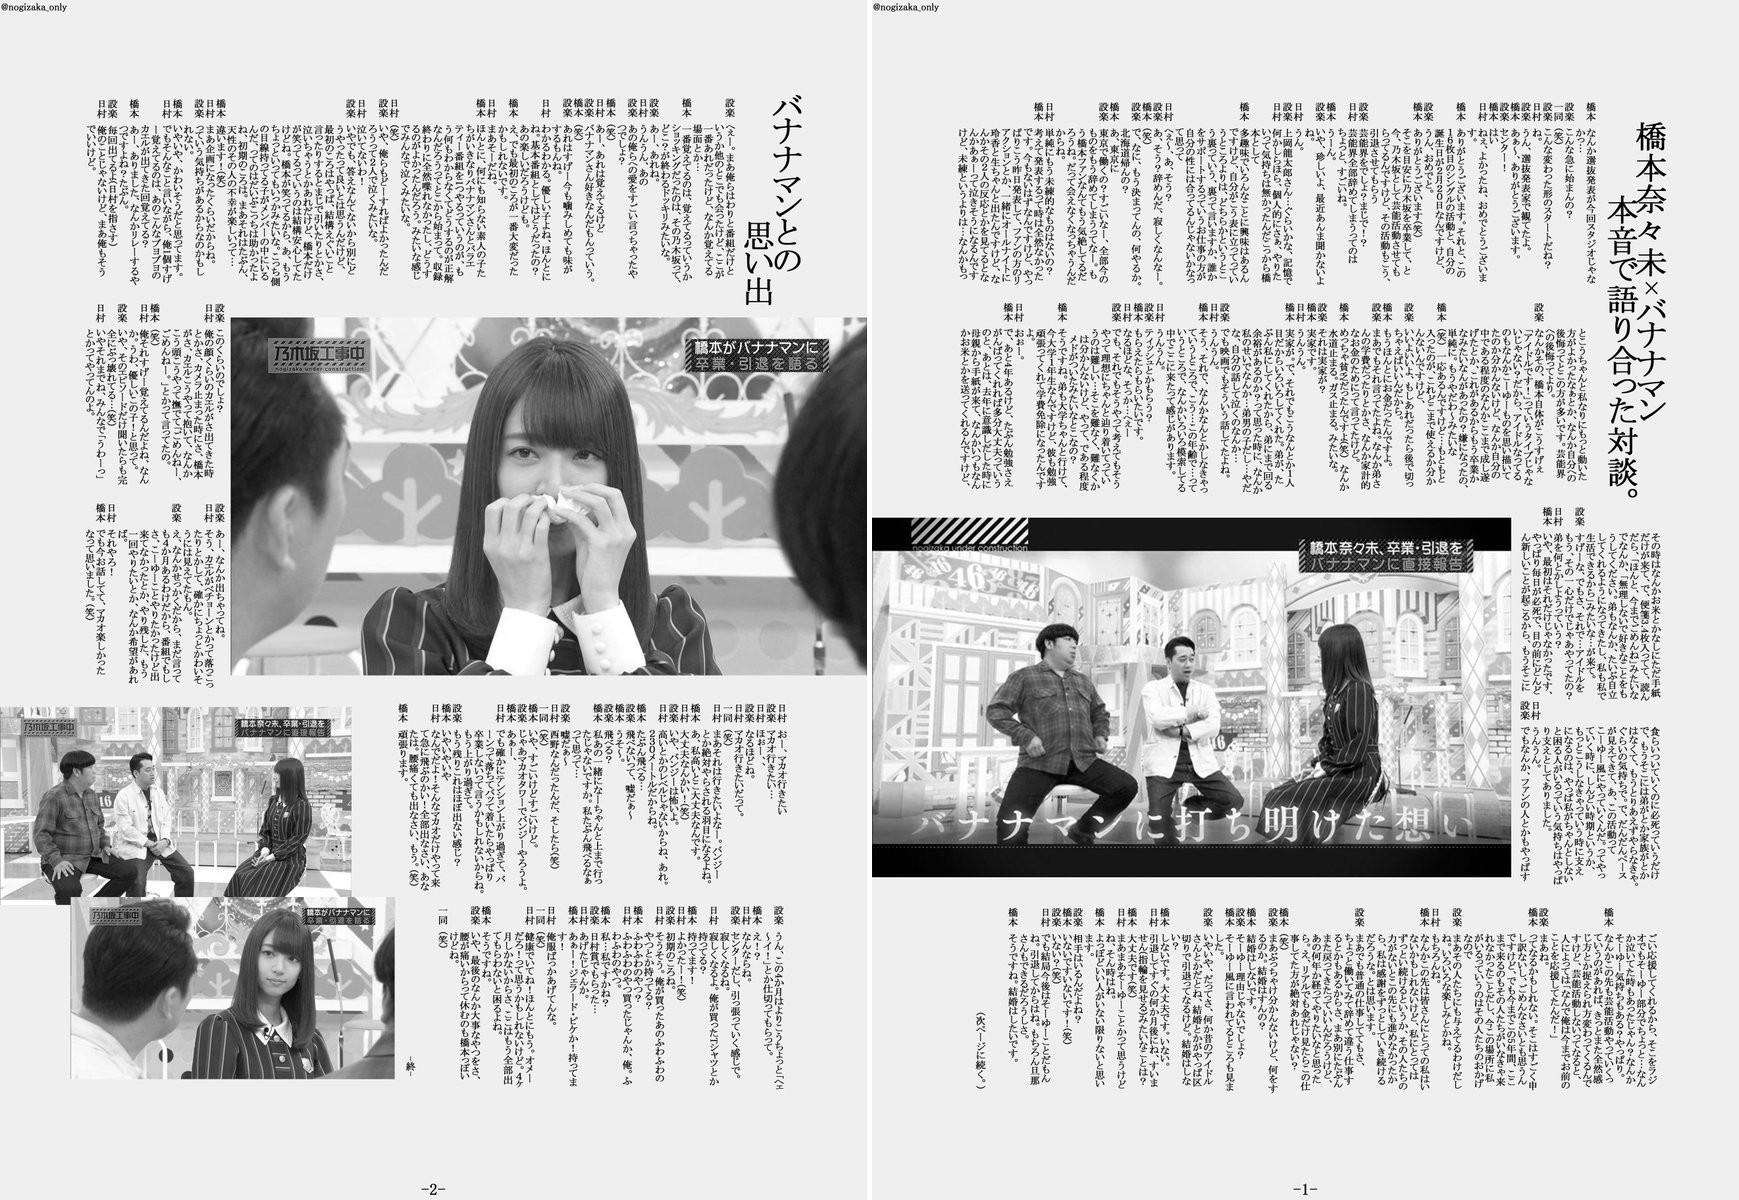 【エンタメ画像】【乃木坂46】ファンが書き起こした『雑誌インタビュー記事風』の